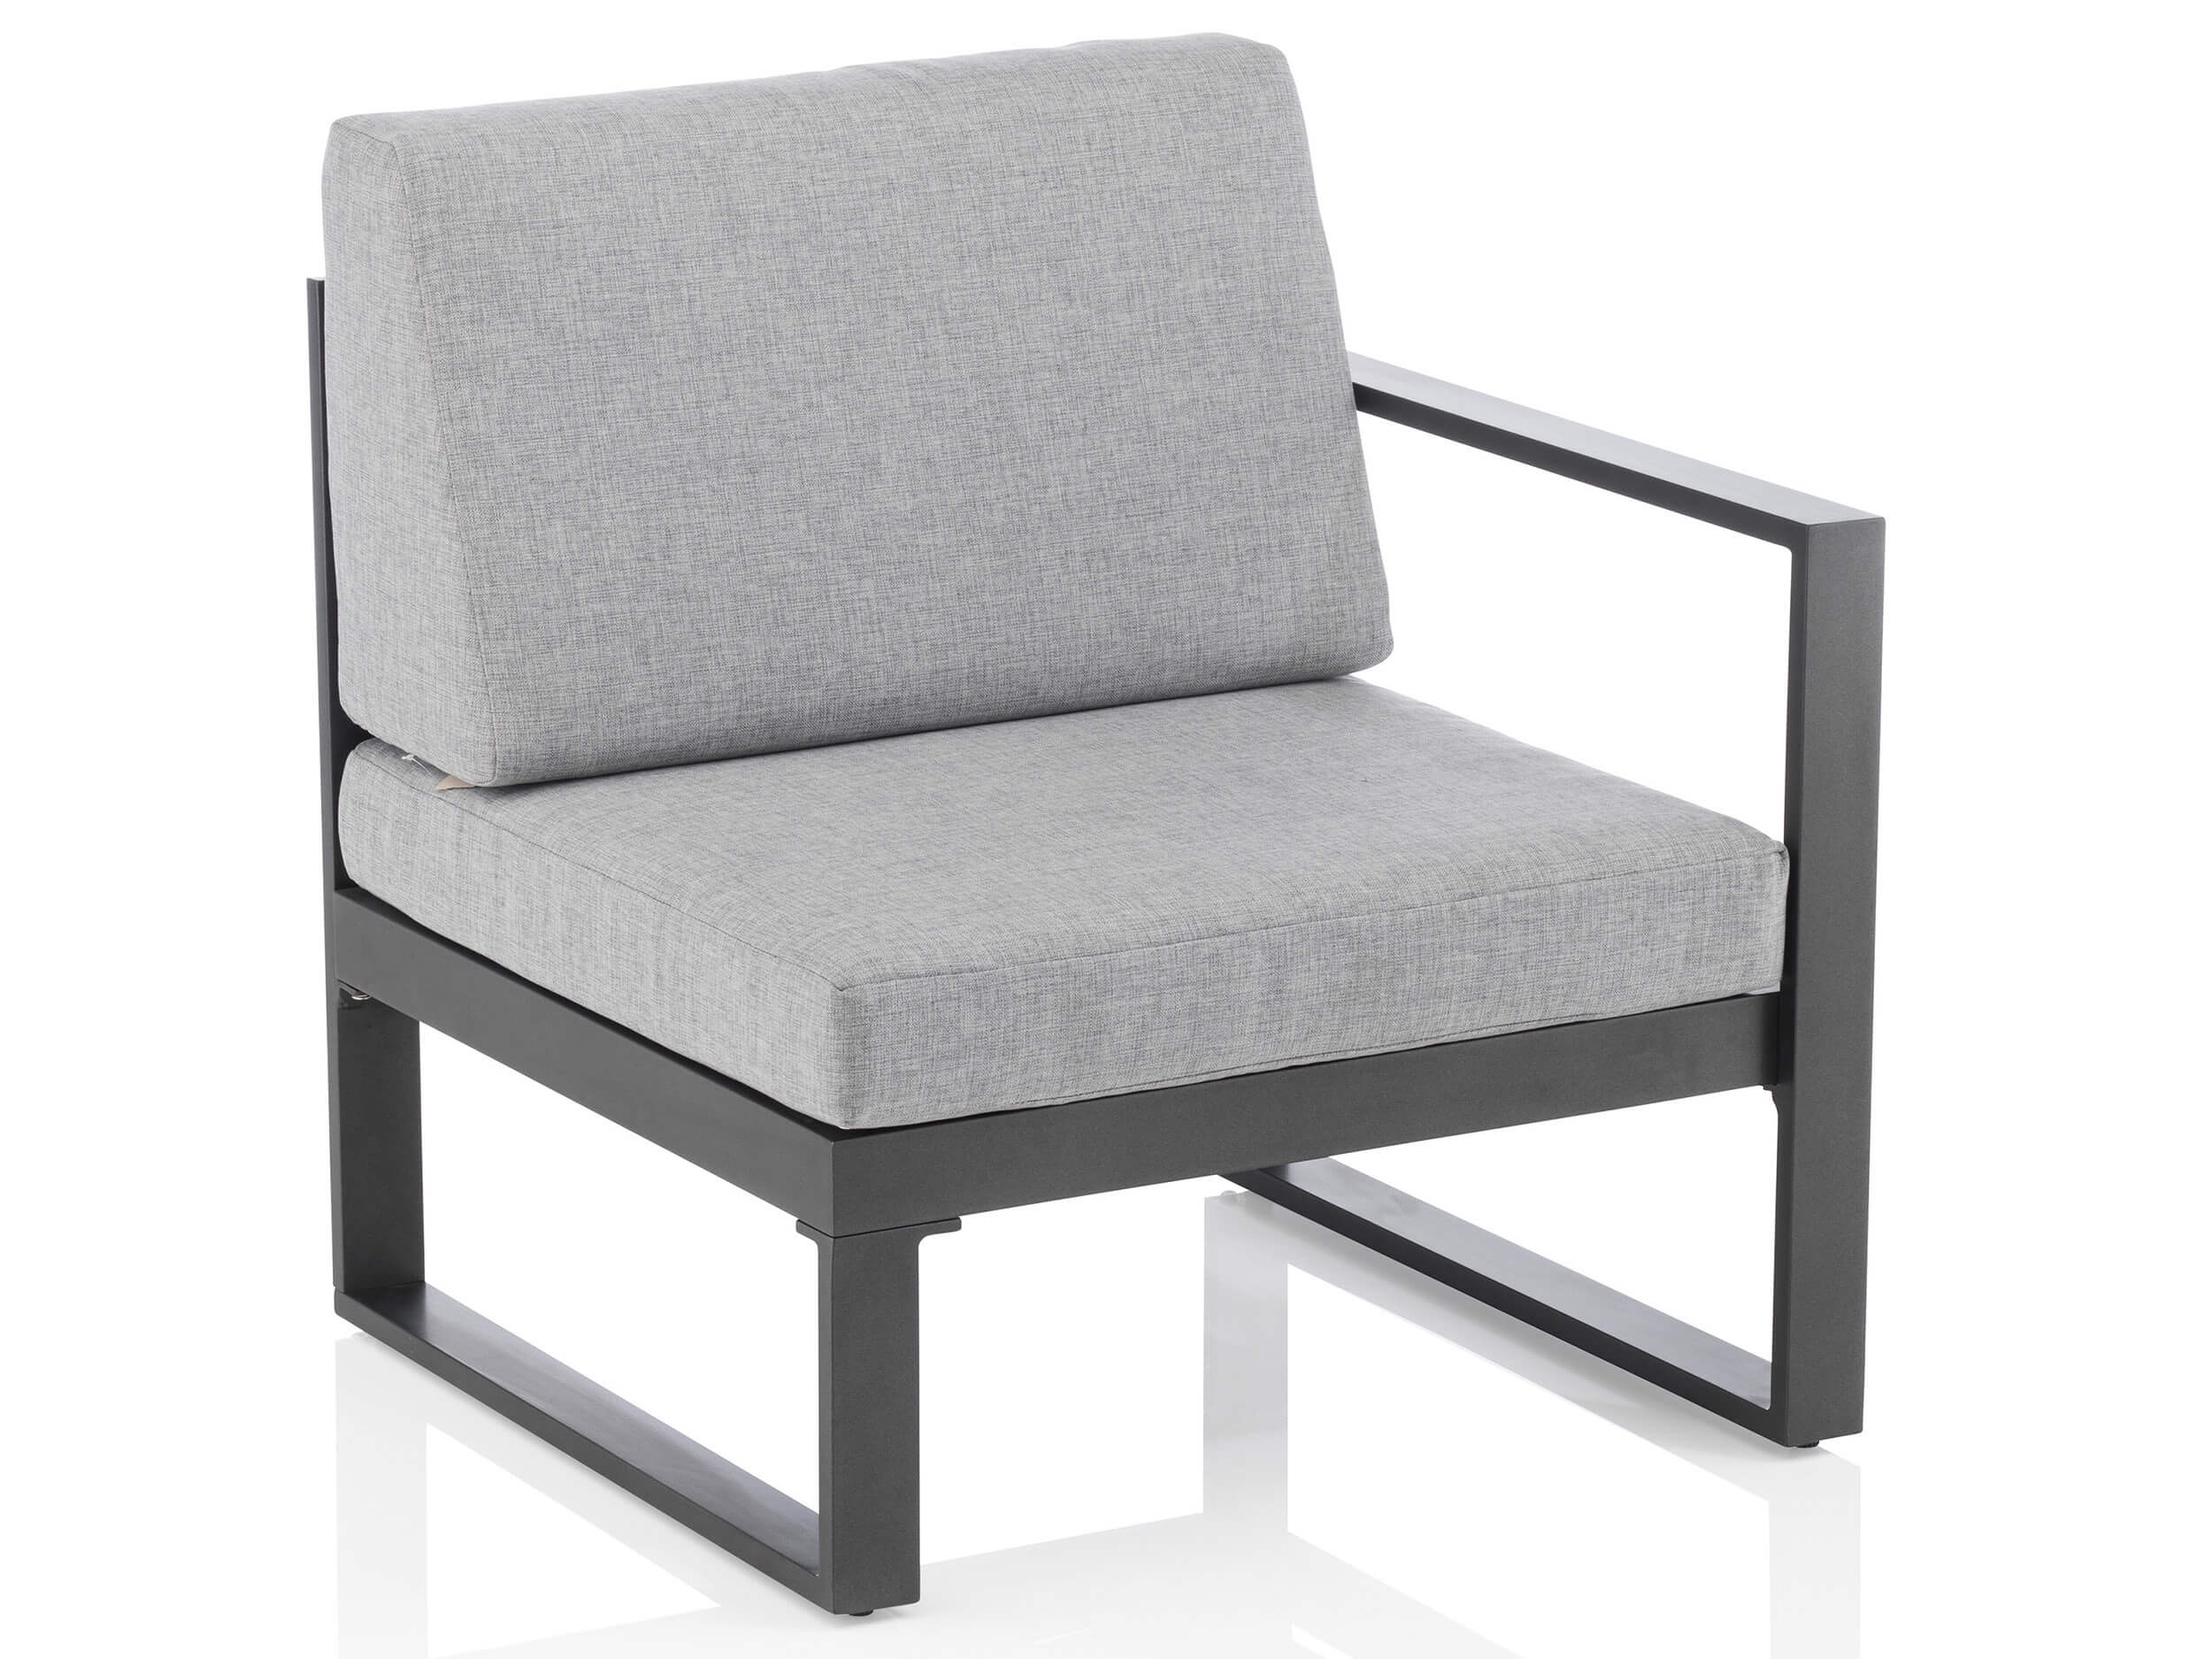 kettler ocean modular endteil rechts gartenm bel l nse. Black Bedroom Furniture Sets. Home Design Ideas